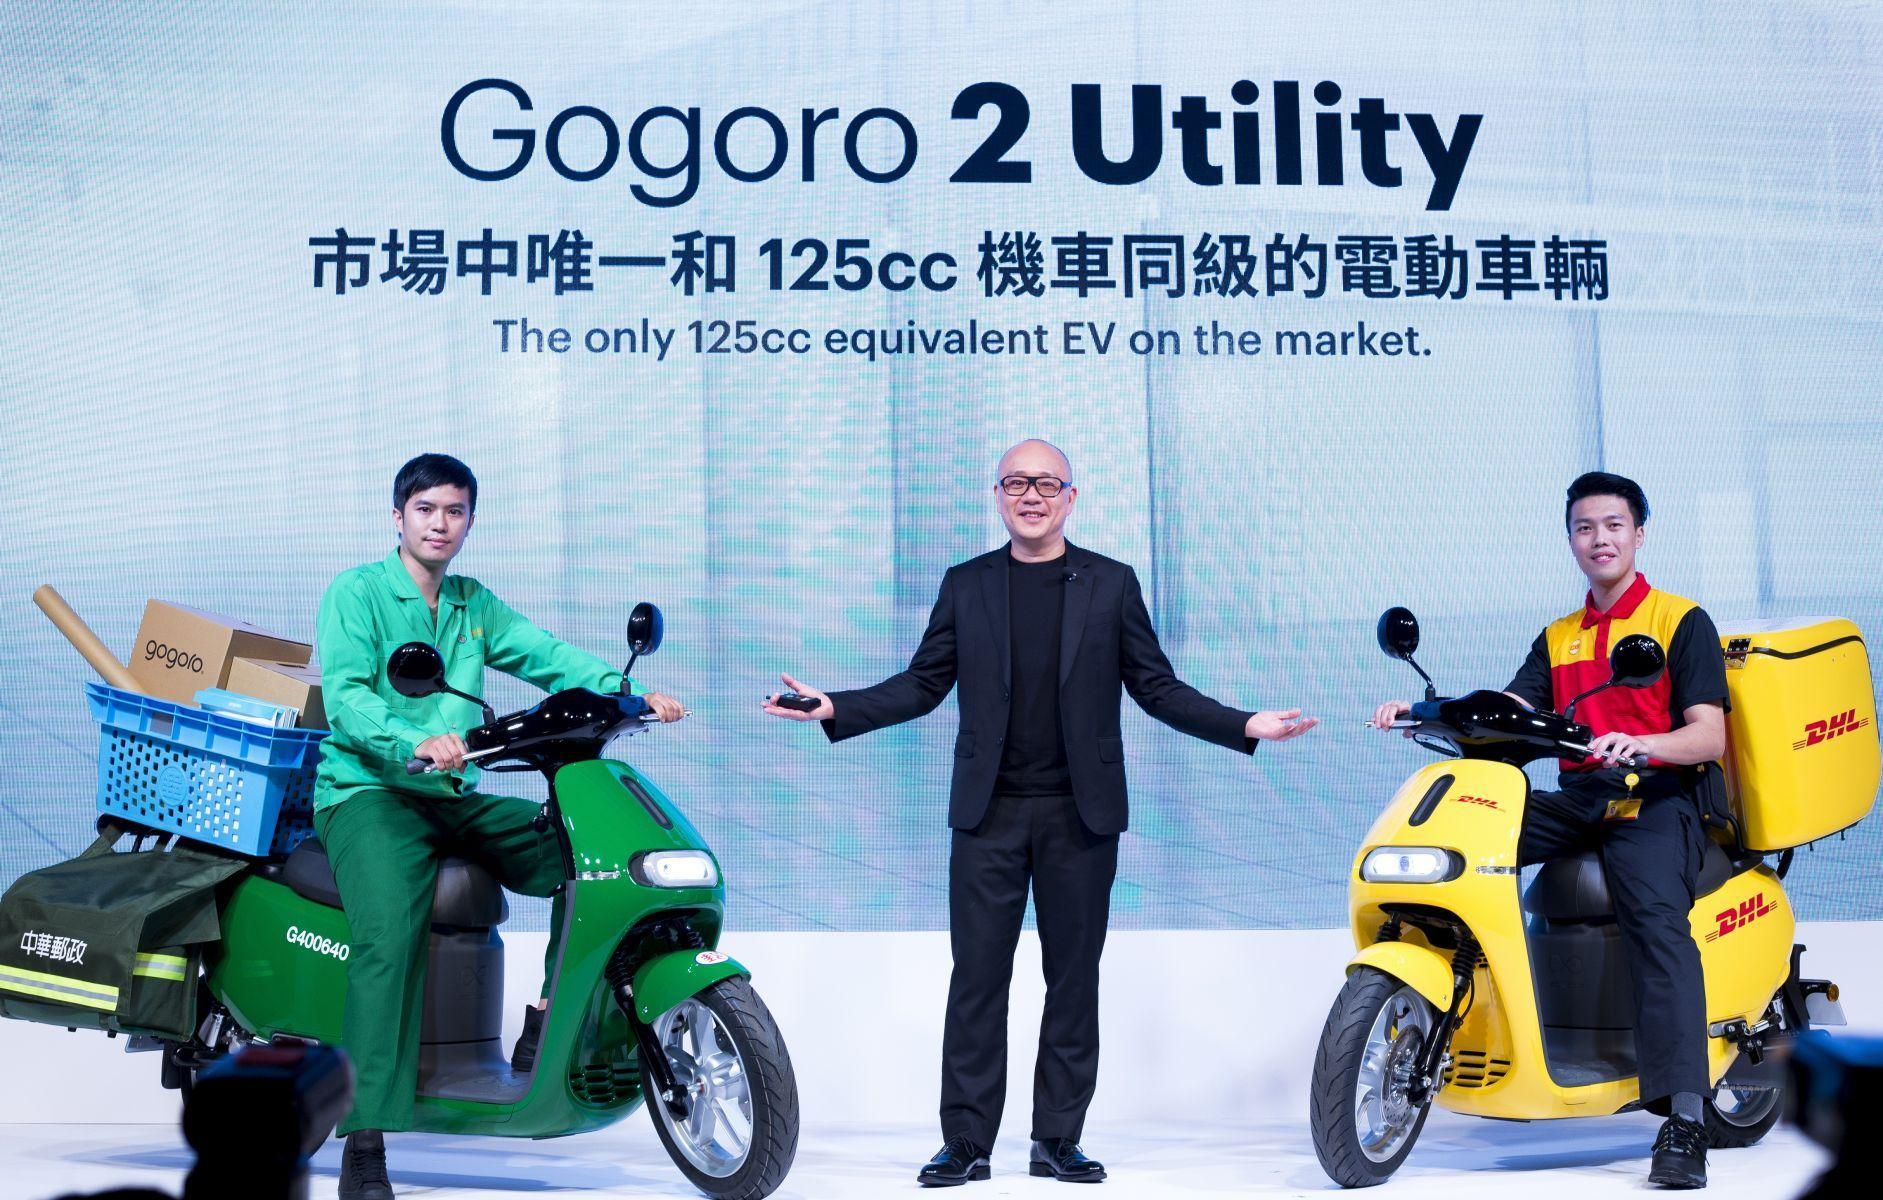 電動車大戰白熱化  Gogoro再增四夥伴竟然有他!